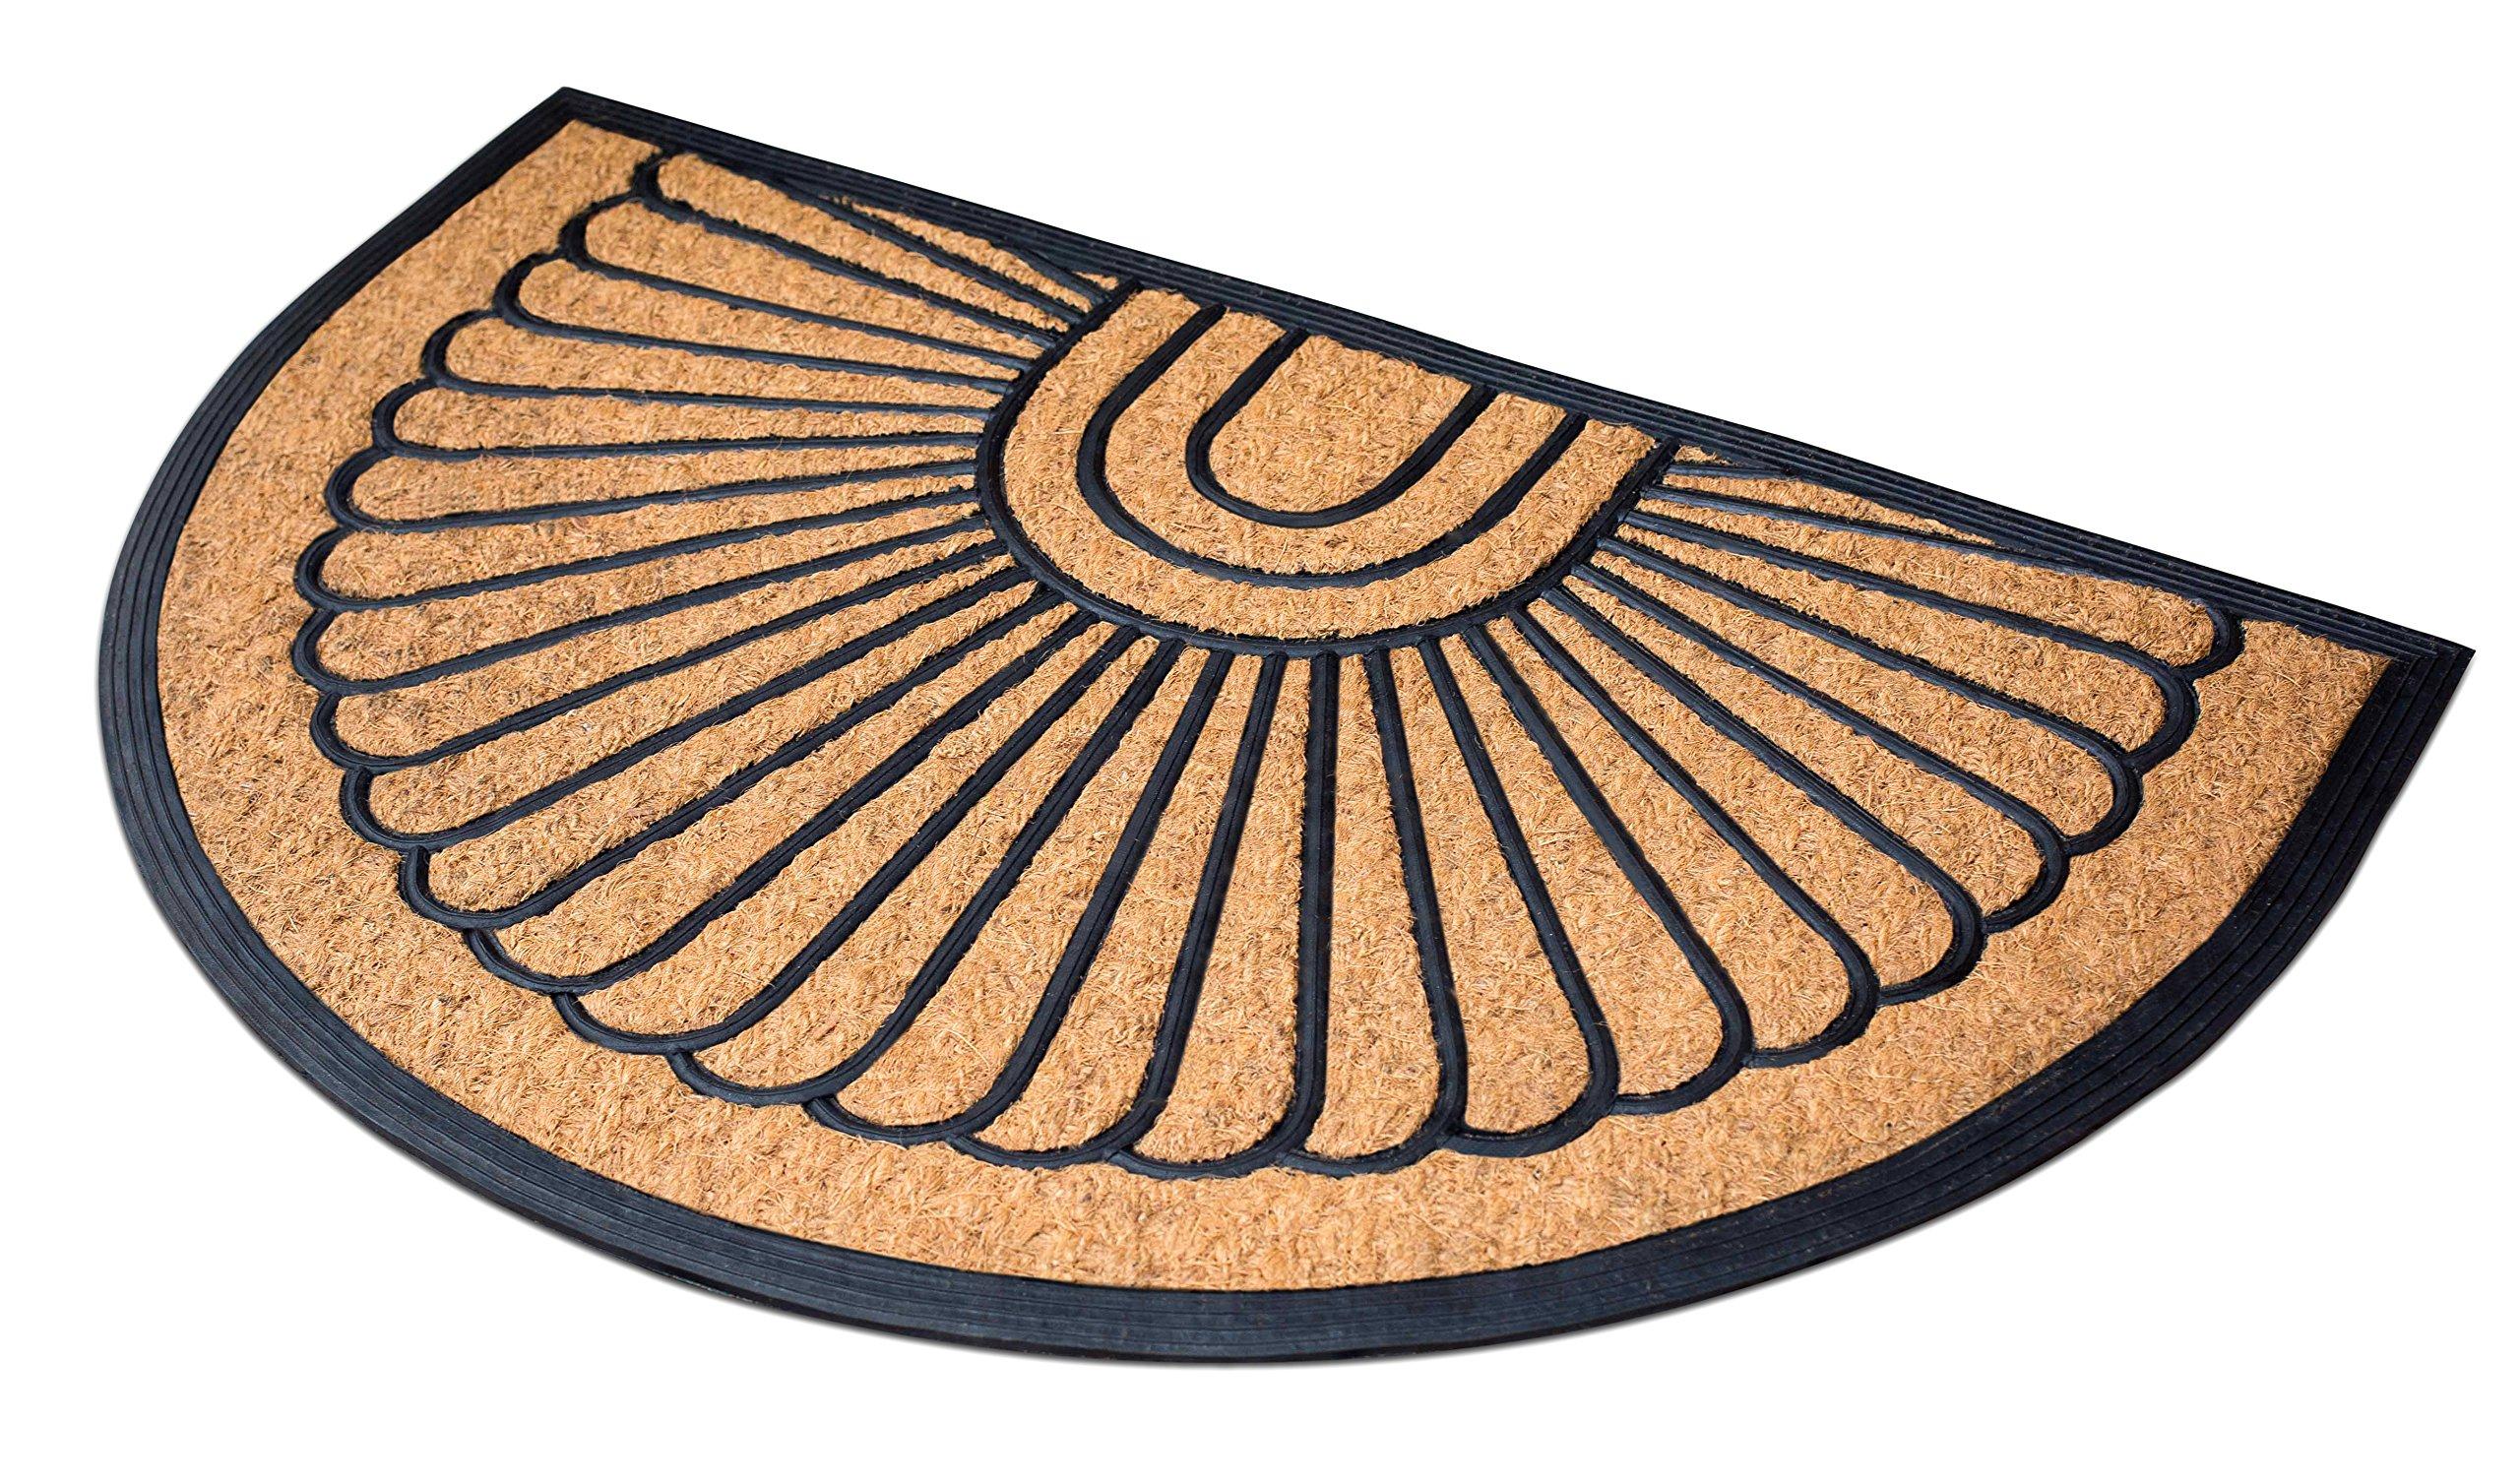 BirdRock Home 24 x 36 Half Round Natural Coir and Rubber Doormat | Natural Fibers | Outdoor Doormat | Keeps your Floors Clean | Decorative Design | Brush Coir